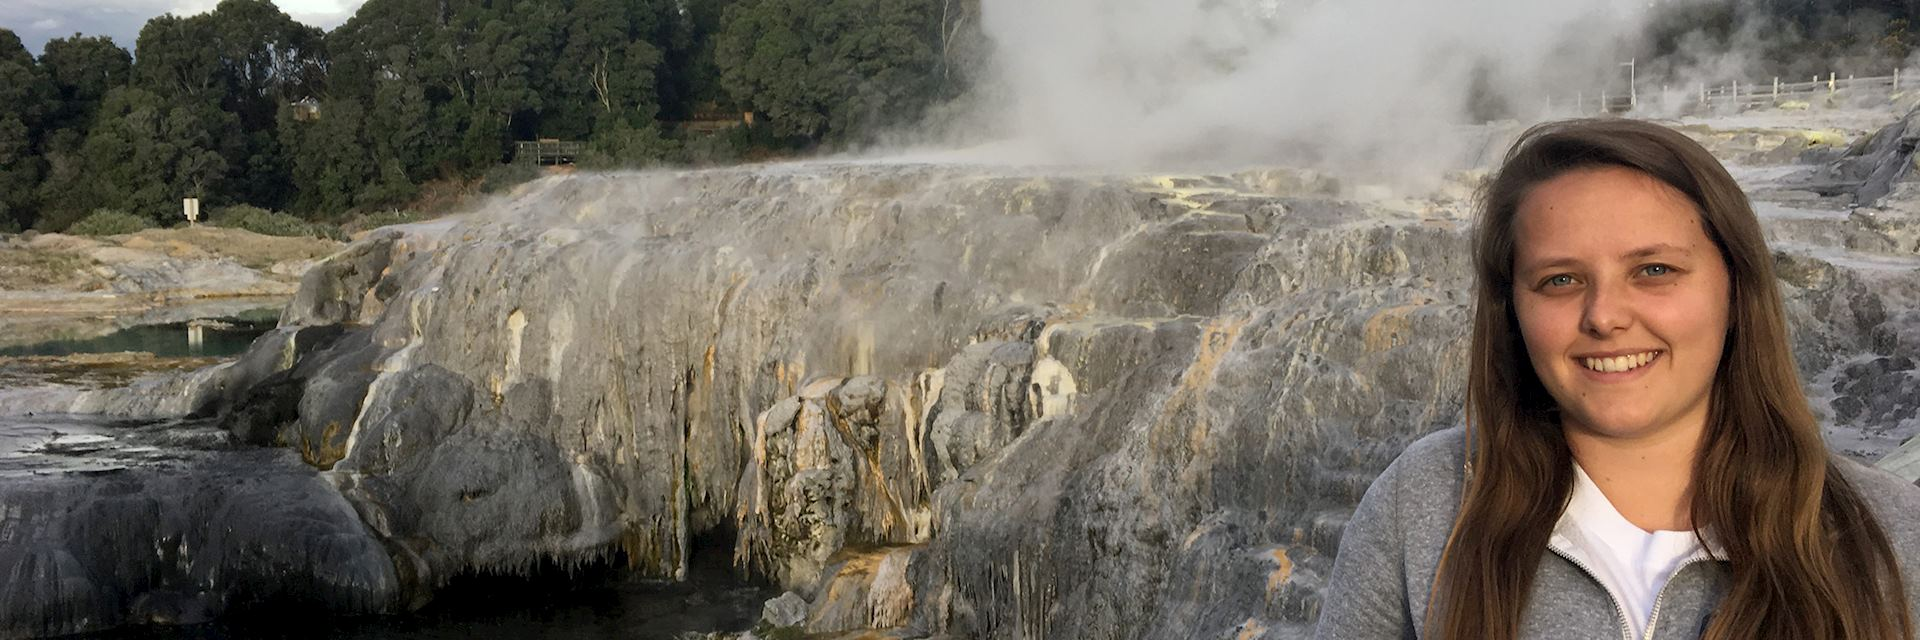 Katie in Rotorua, New Zealand